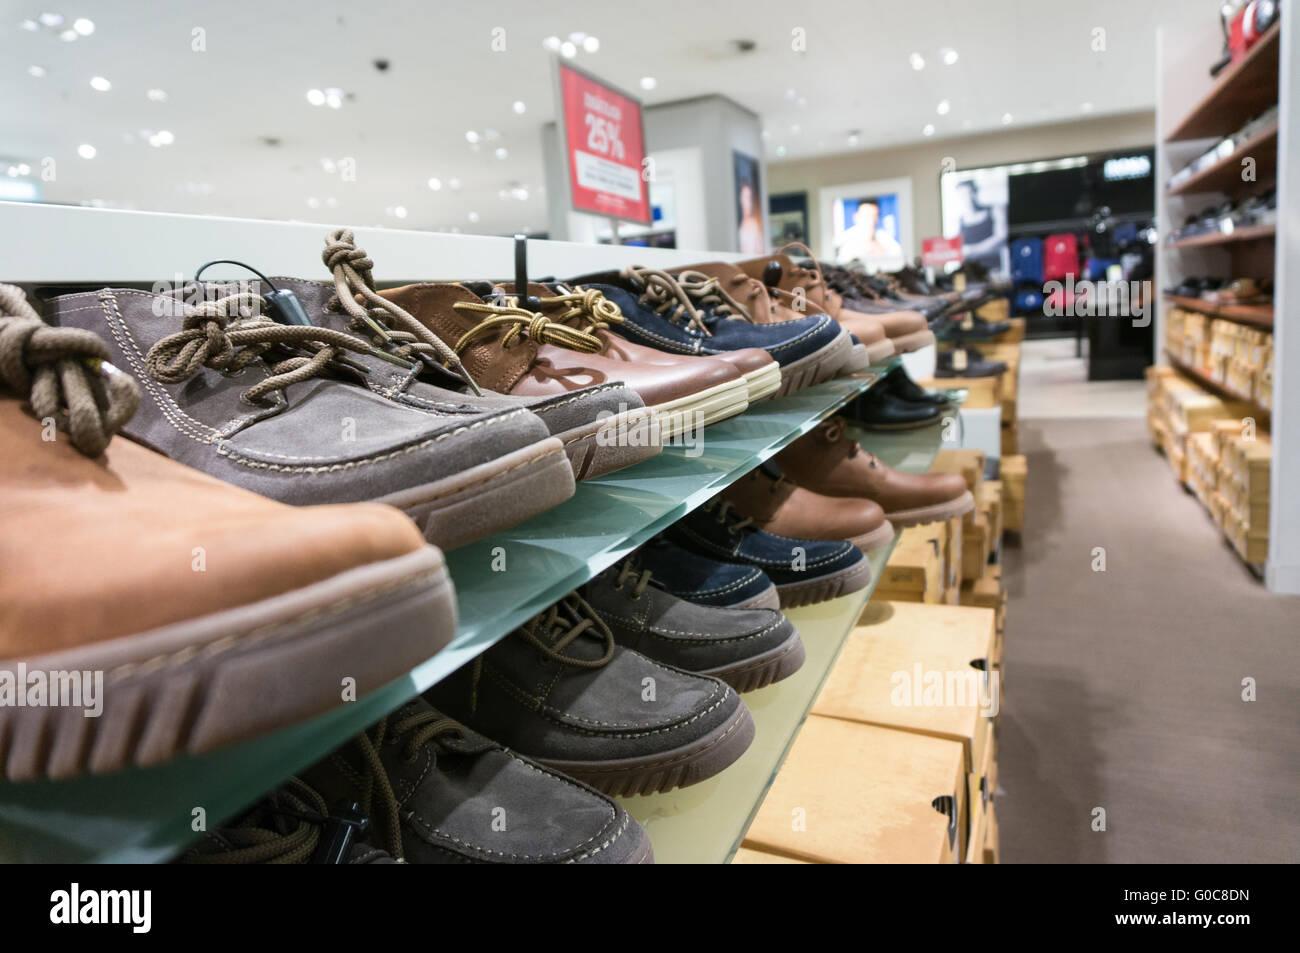 shoes on shelf - Stock Image